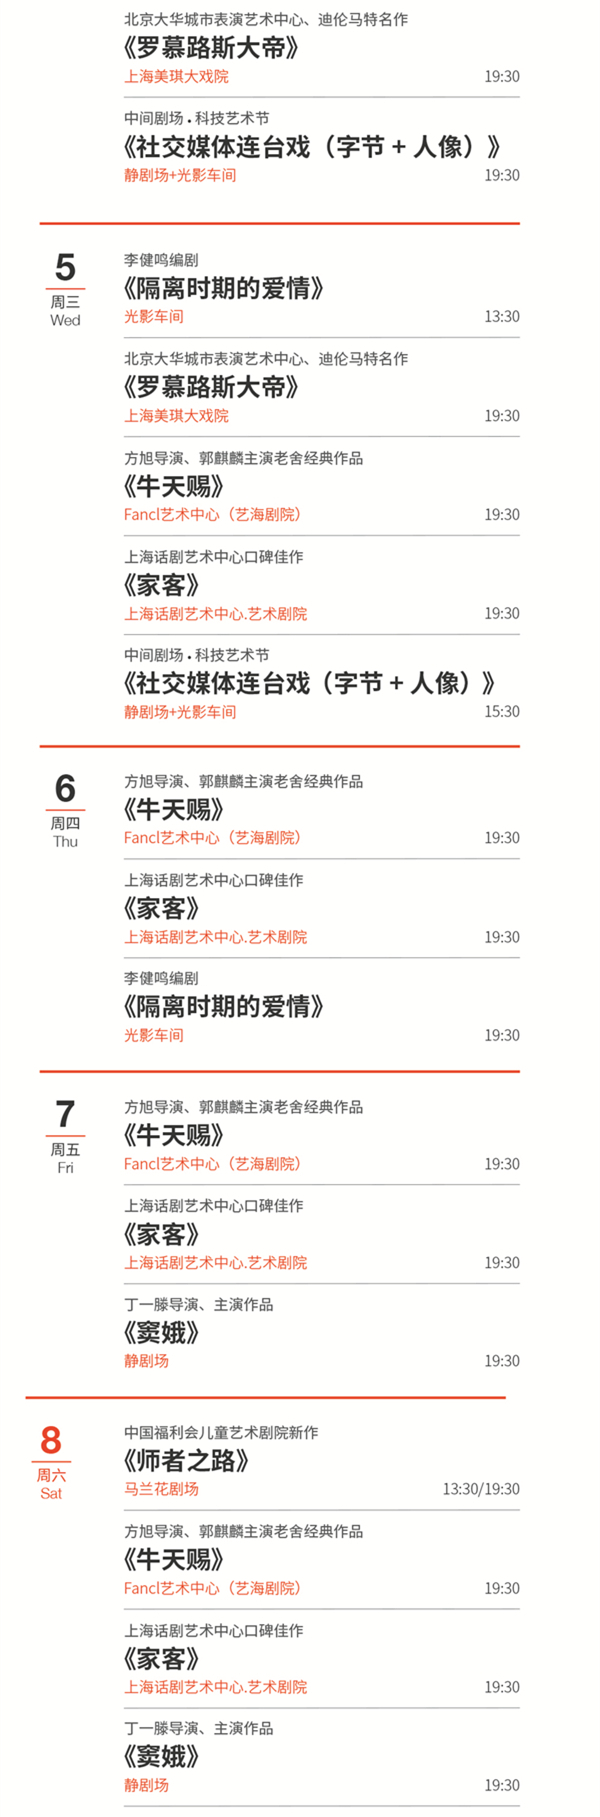 2021戏剧谷戏单_副本3.jpg